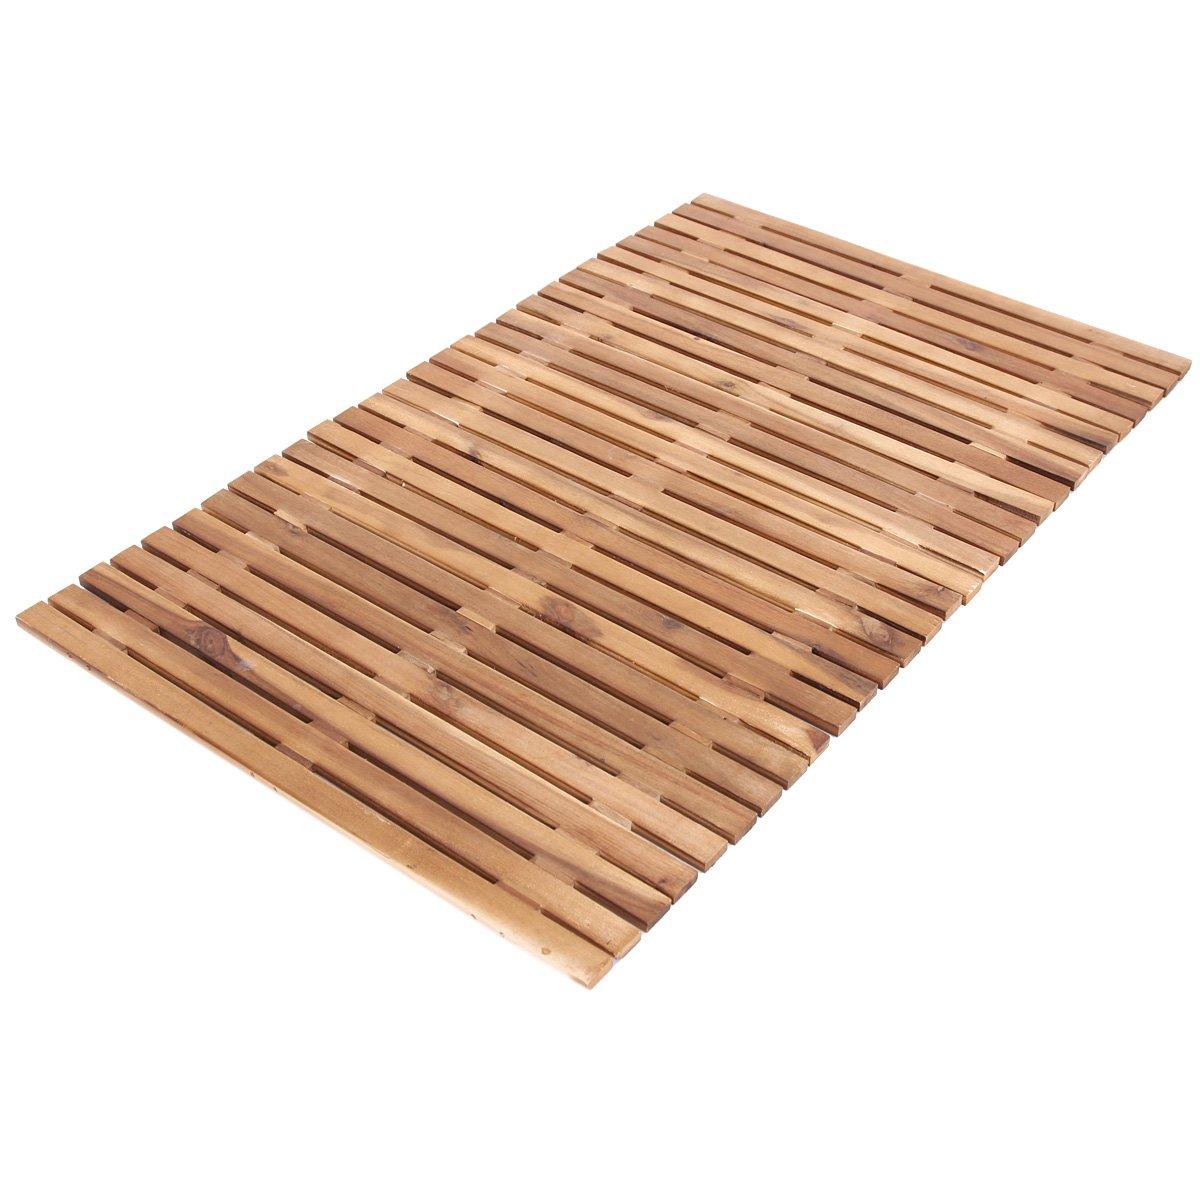 Alfombra de ba o de madera de 80x50cm color marr n oscuro - Alfombras de madera ...